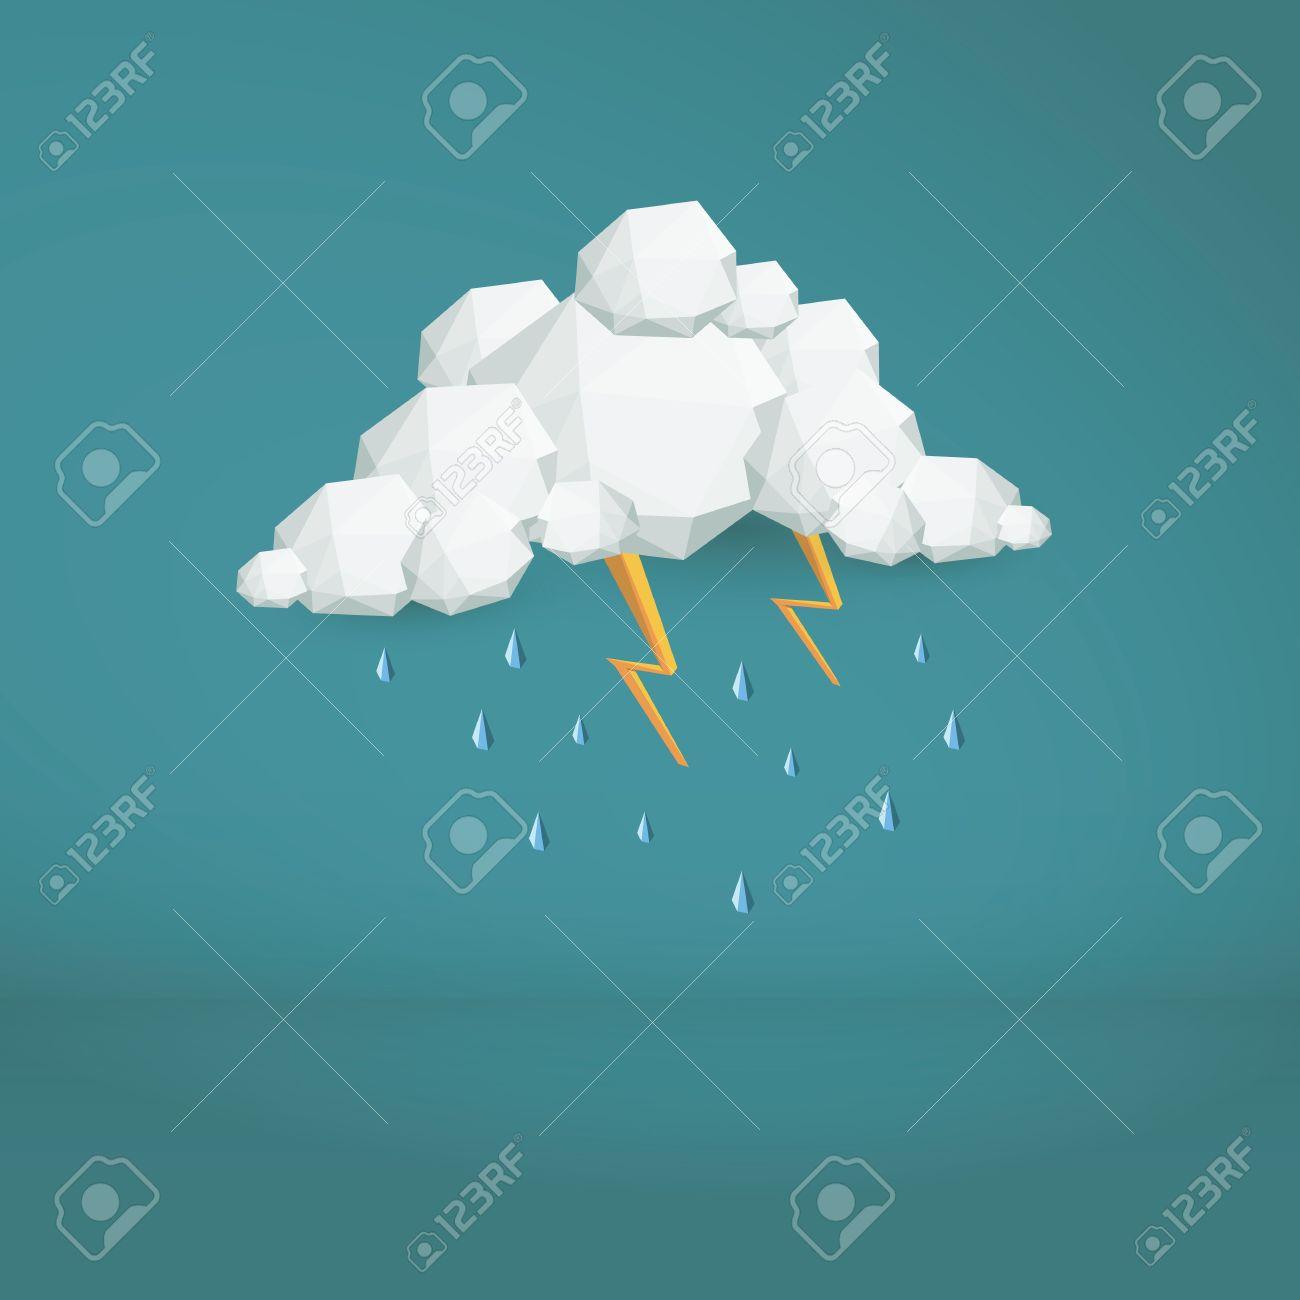 嵐雲低ポリのベクトルの背景 多角形の天気アイコン 近代的な 3 D